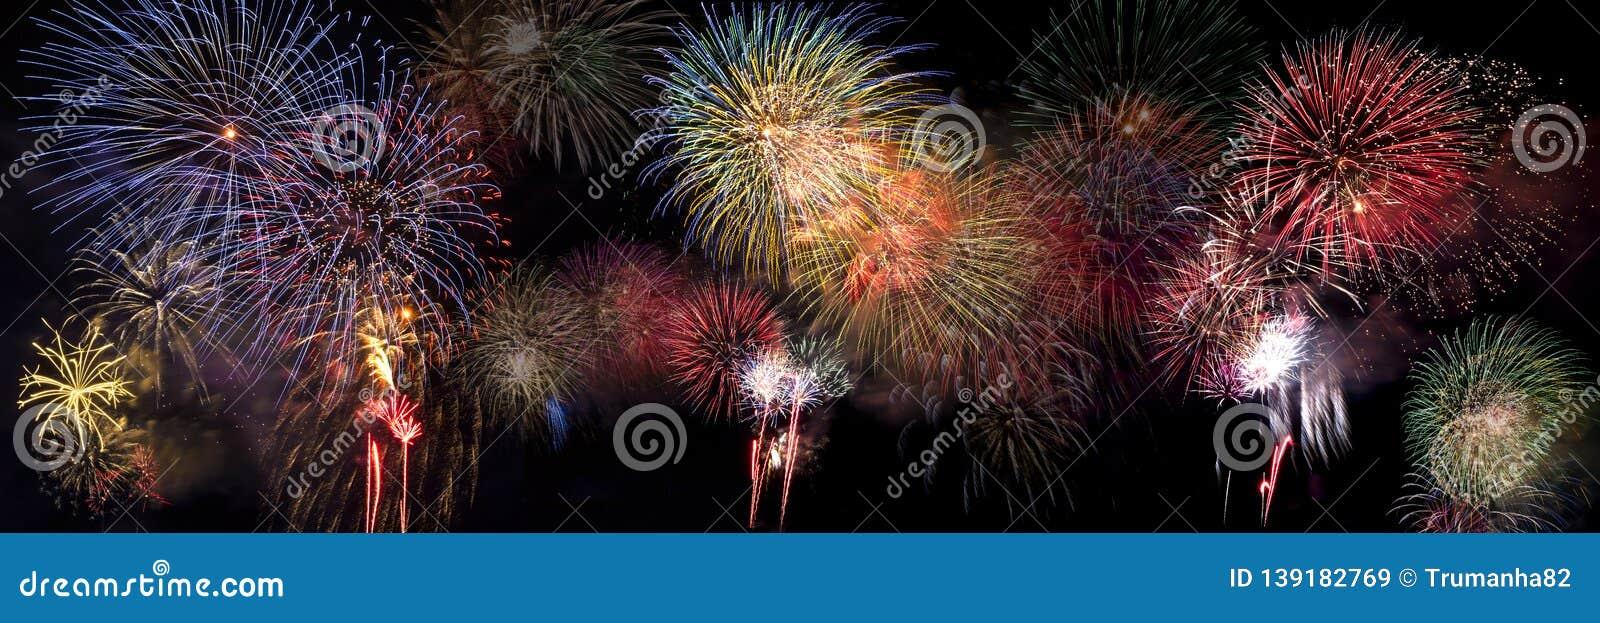 Colorful Fireworks Bursting in Night Sky